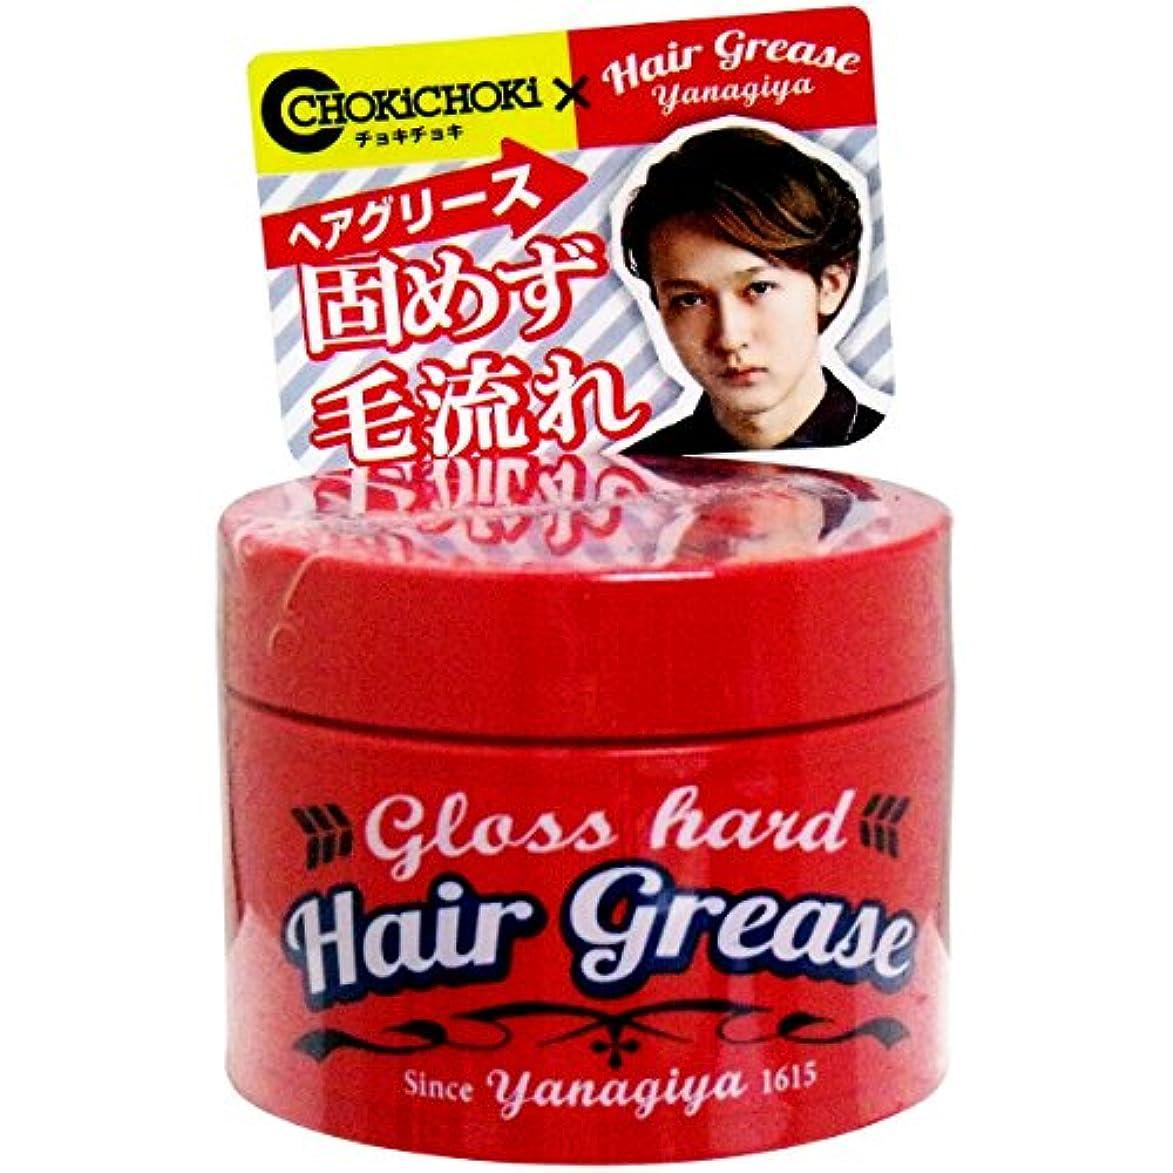 解任アブストラクトオートマトンヘアワックス 固めず毛流れ 使いやすい YANAGIYA ヘアグリース グロスハード 90g入【2個セット】